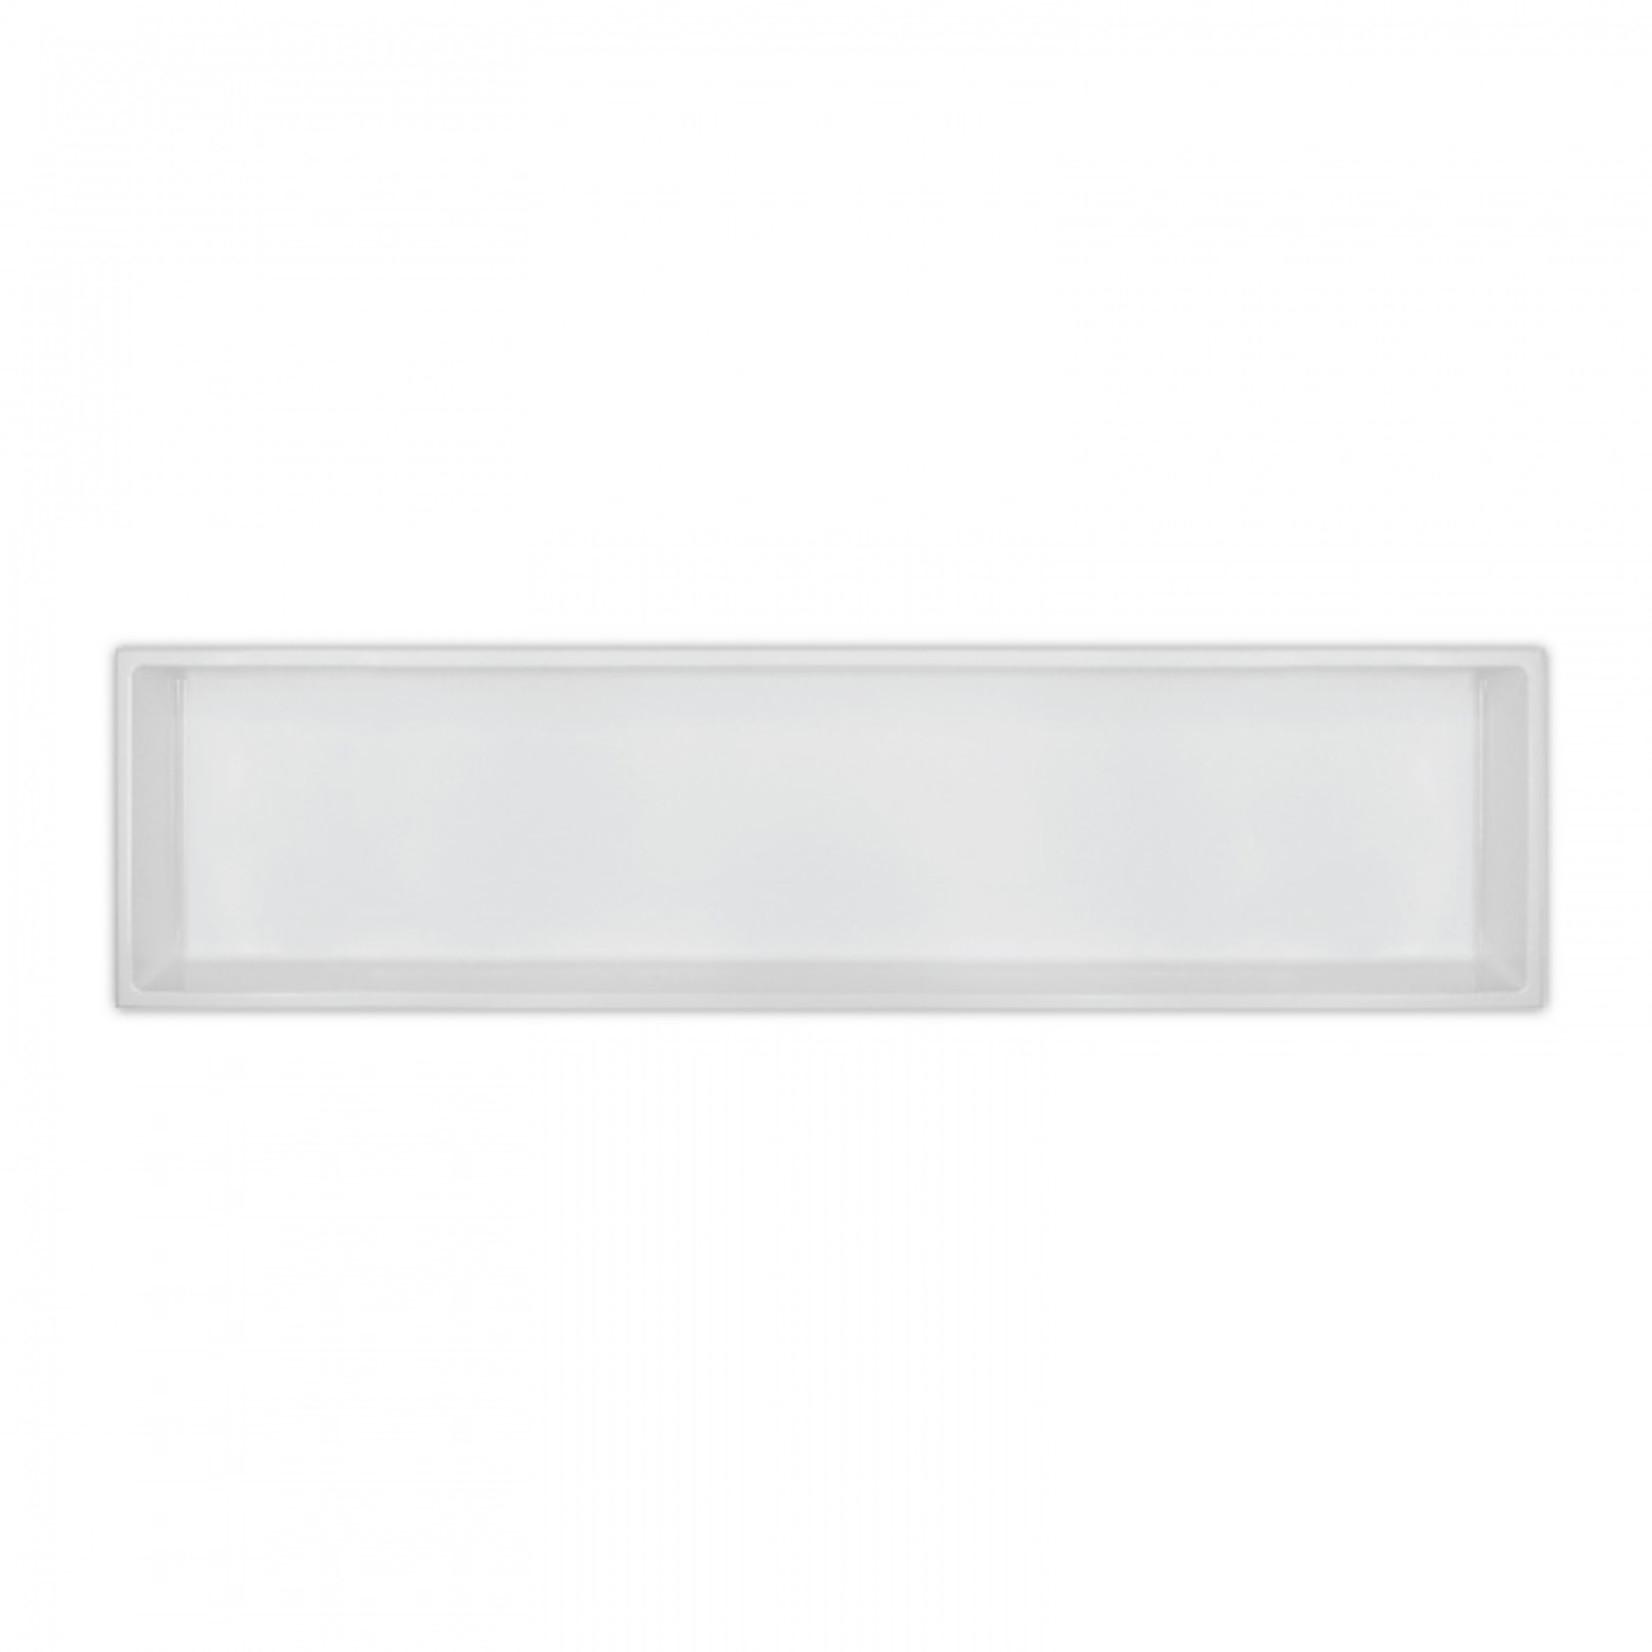 Wall niche 12x48 White Nautika NI1248W